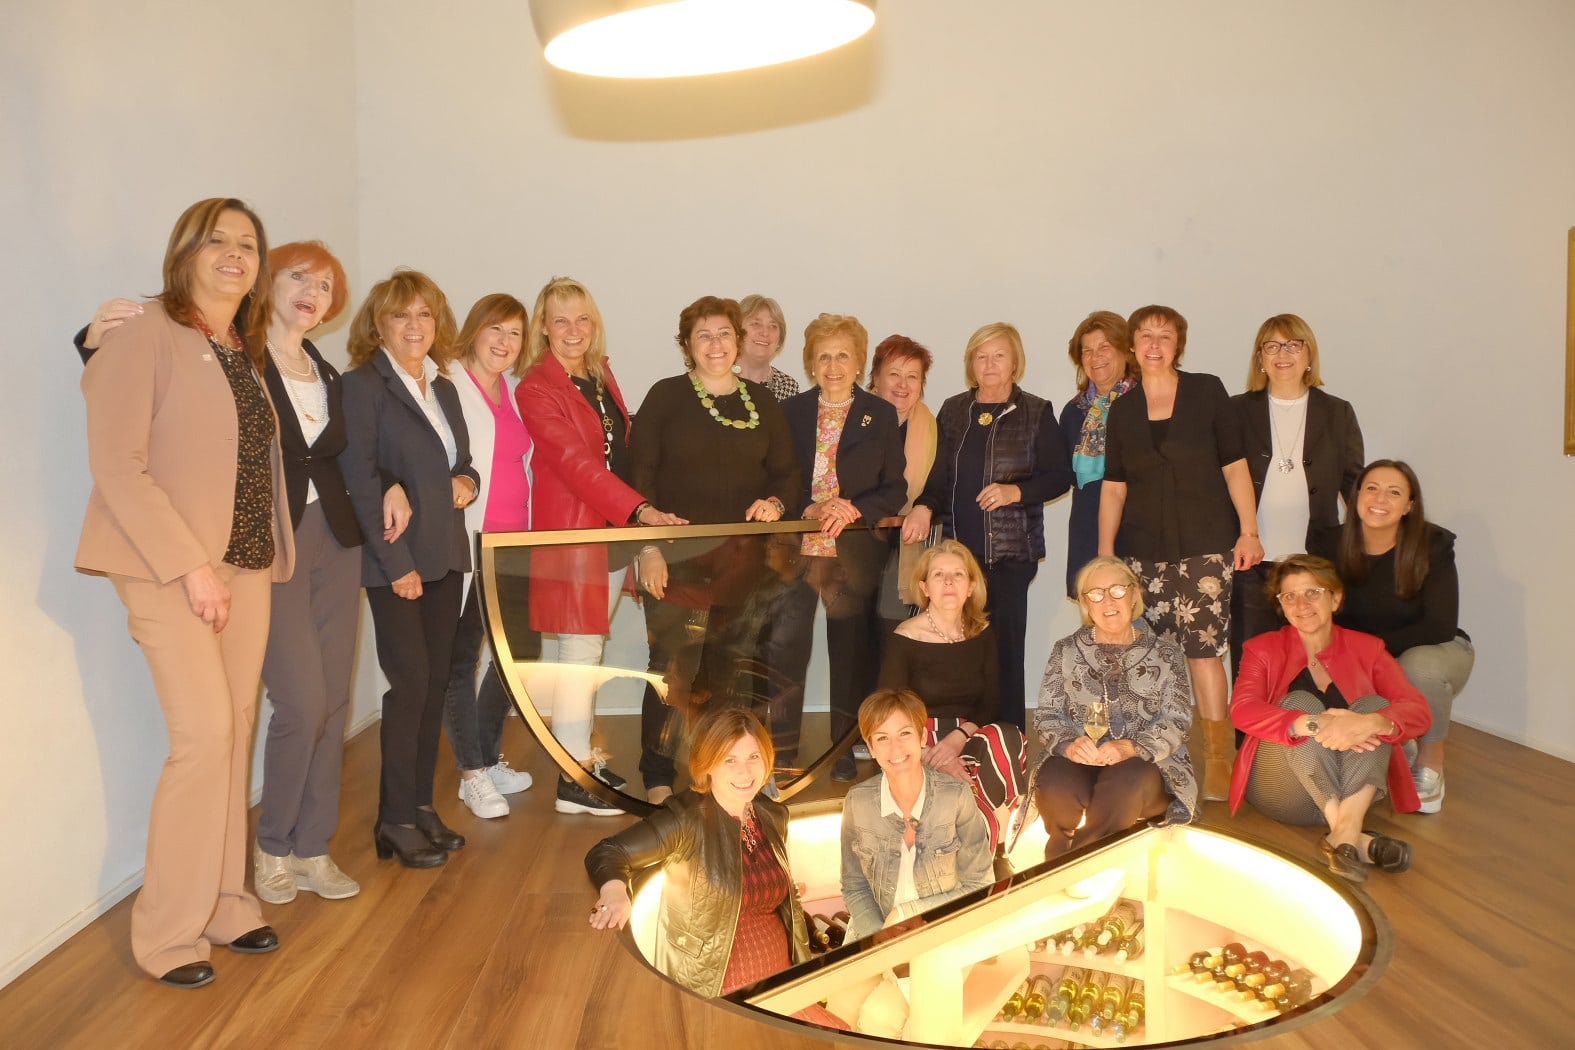 Donne del Vino in assemblea ospiti della socia enotecaria Paola Longo…anche un'asseblea diventa un'emozione